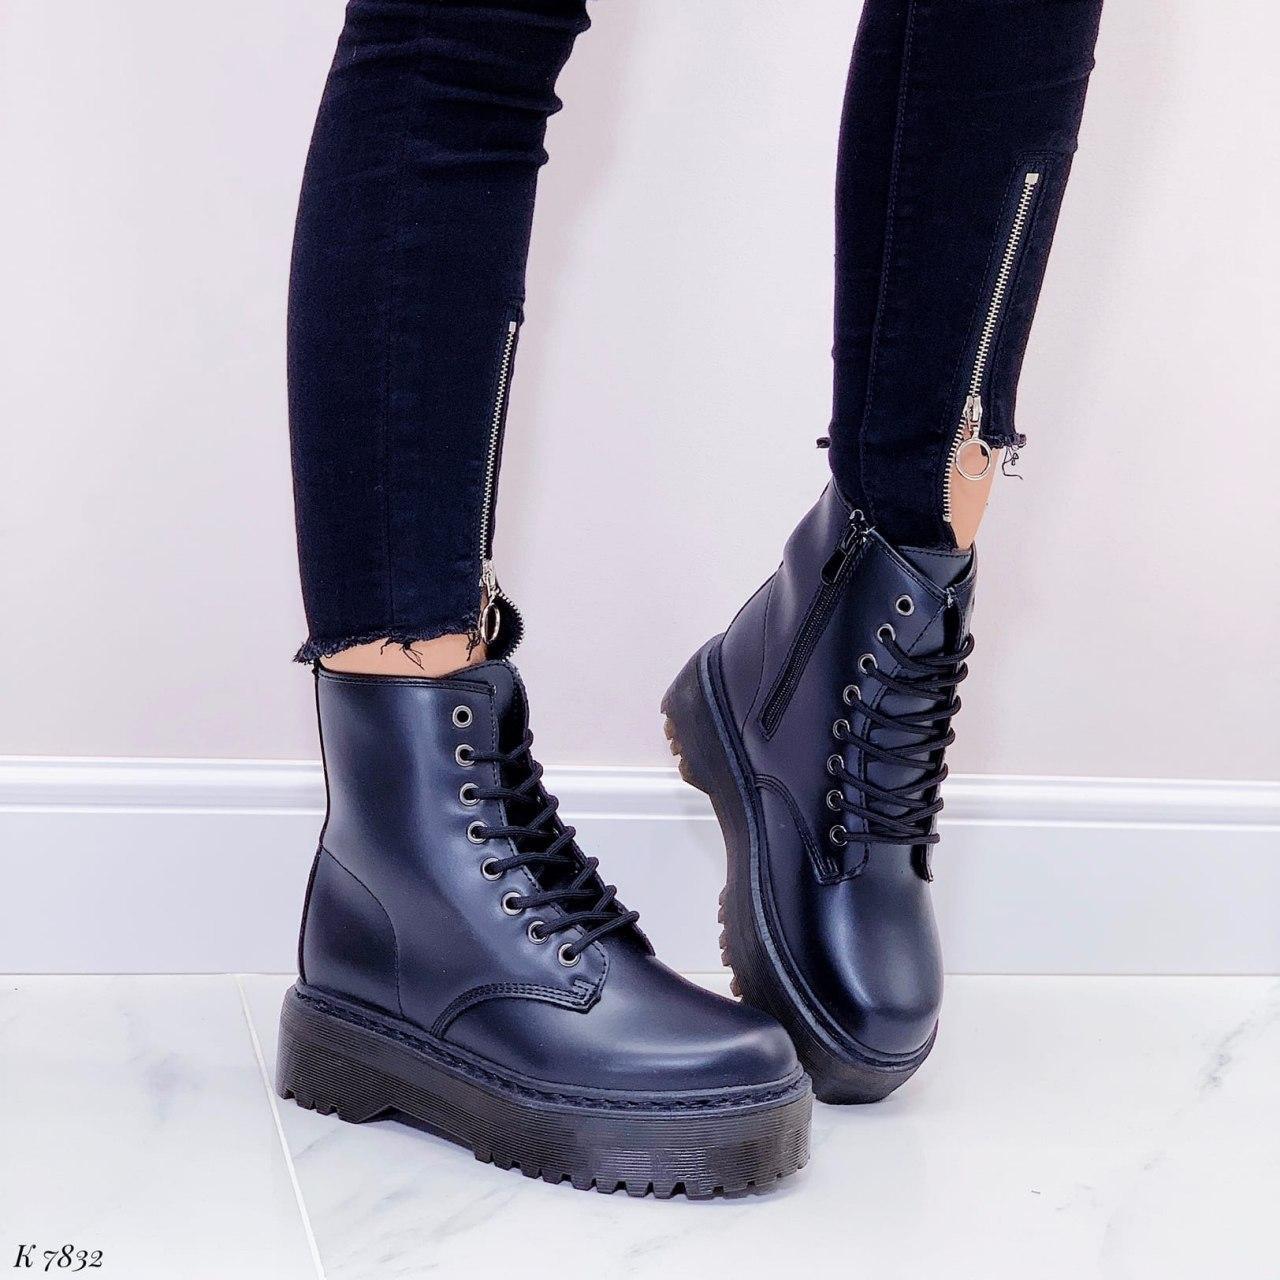 Женские ботинки ДЕМИ черные на шнуровке эко кожа